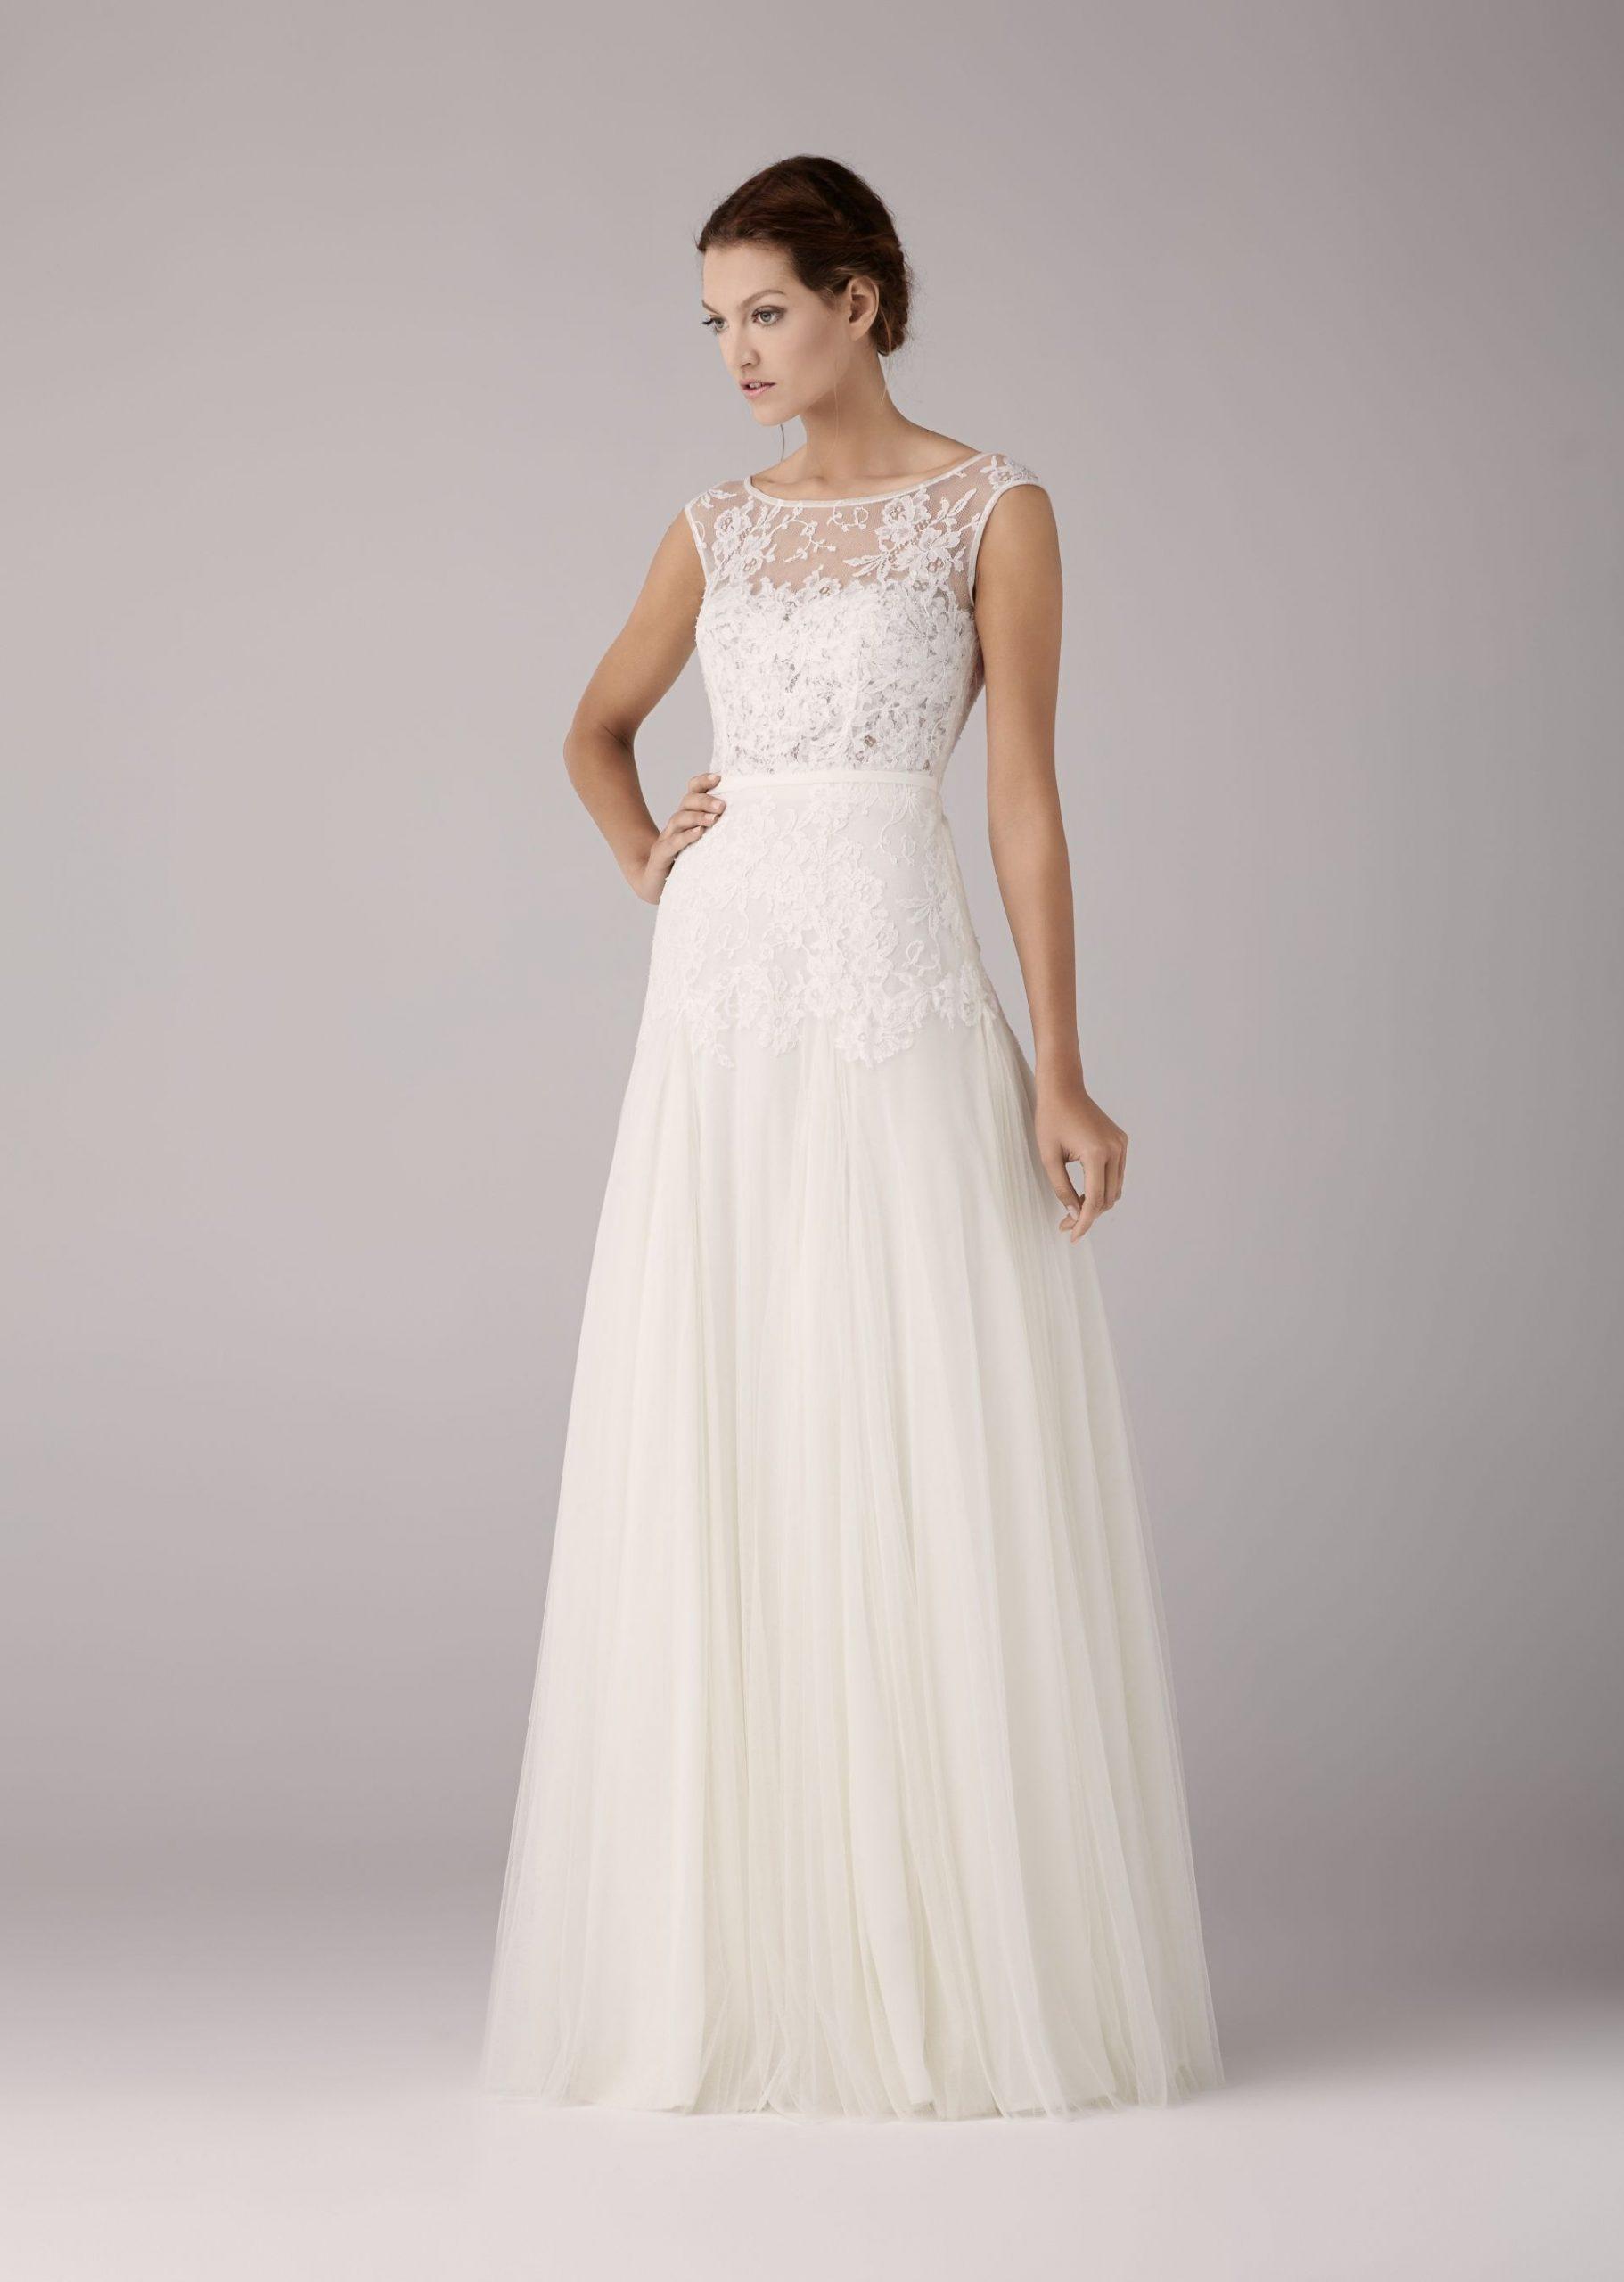 Valentine Suknie Ślubne Kolekcja 2014  Wedding Dresses